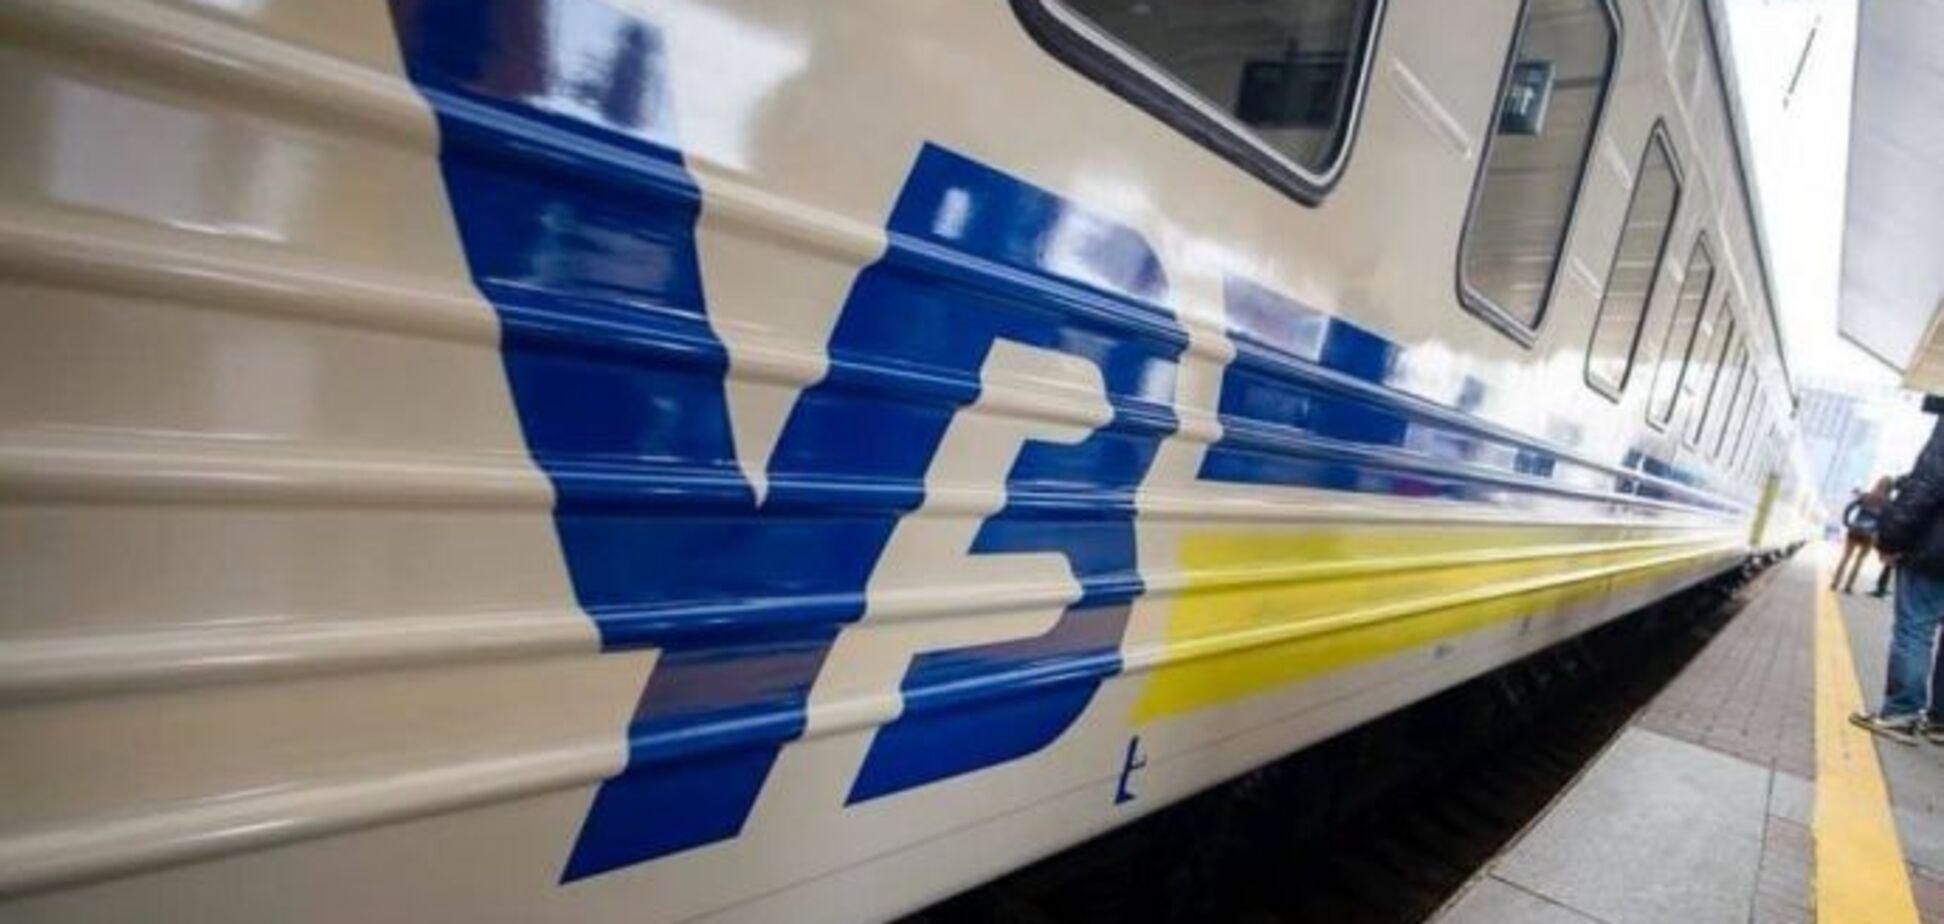 Владимир Жмак заявил, что государство задолжало 'Укрзалізниці' за пассажирские перевозки